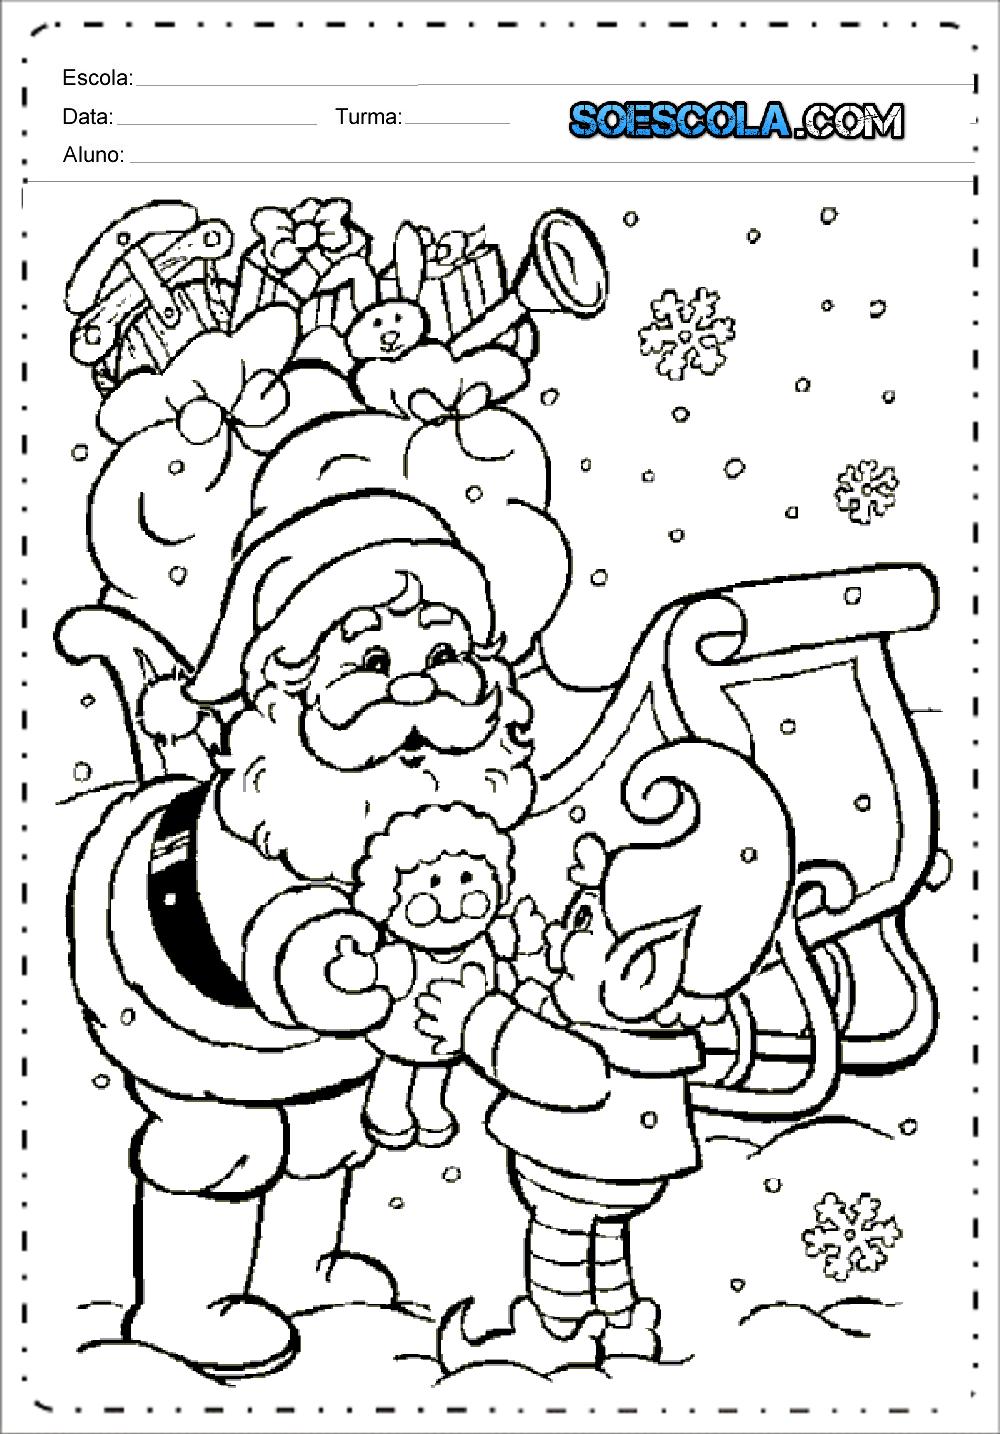 Atividades de Variadas de Natal - Para imprimir e Colorir